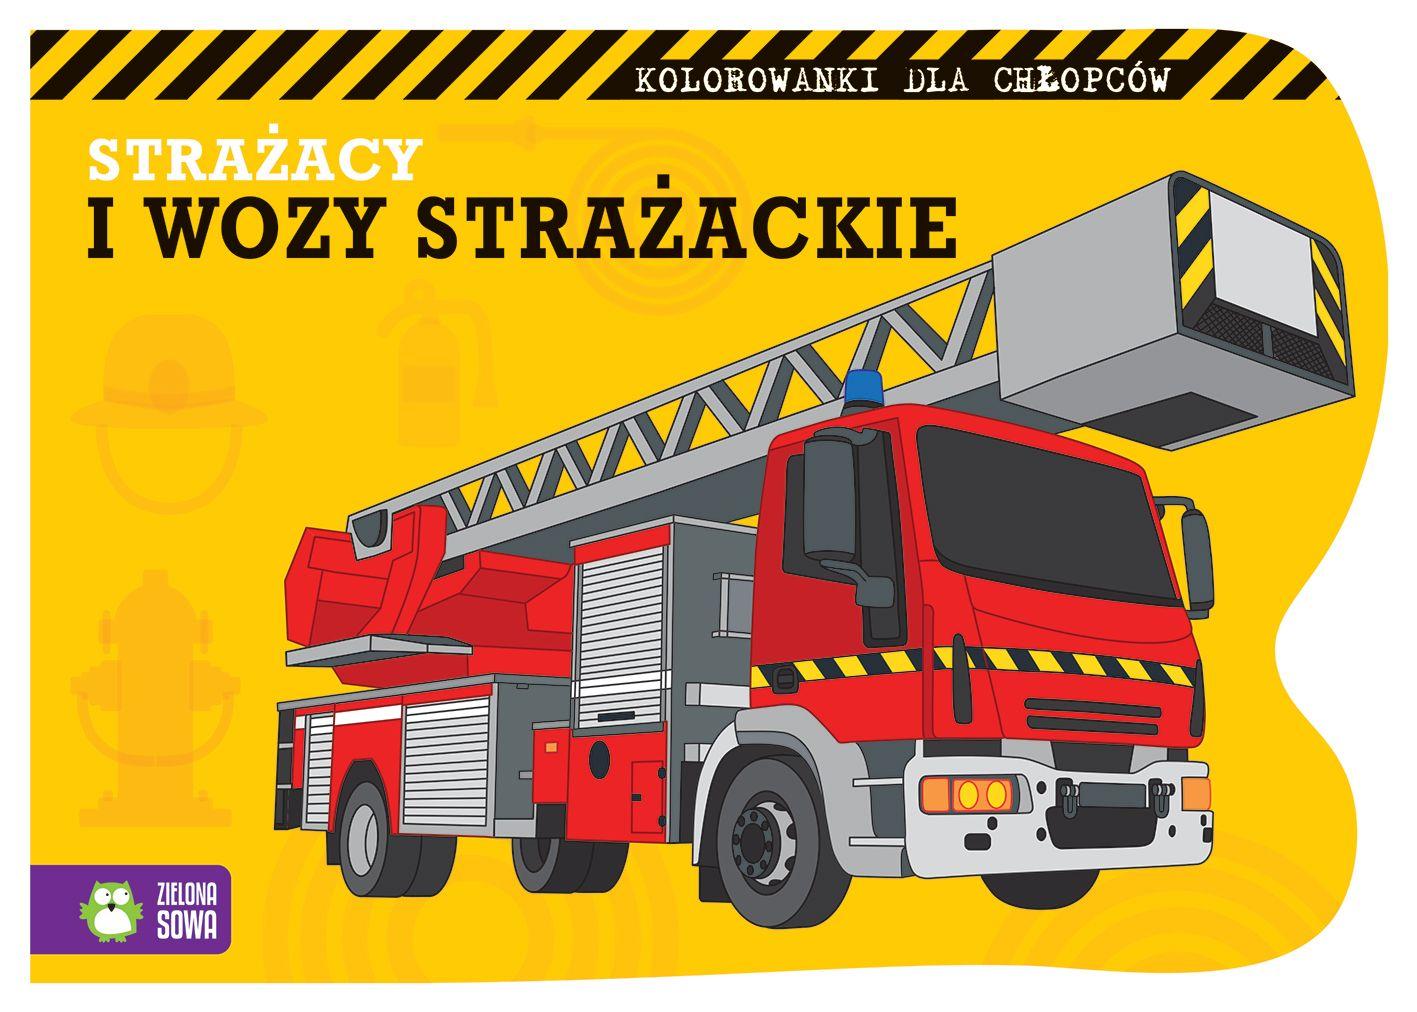 Strazacy I Wozy Strazackie Kolorowanki Dla Chlopcow 4 Skladnicaksiegarska Pl